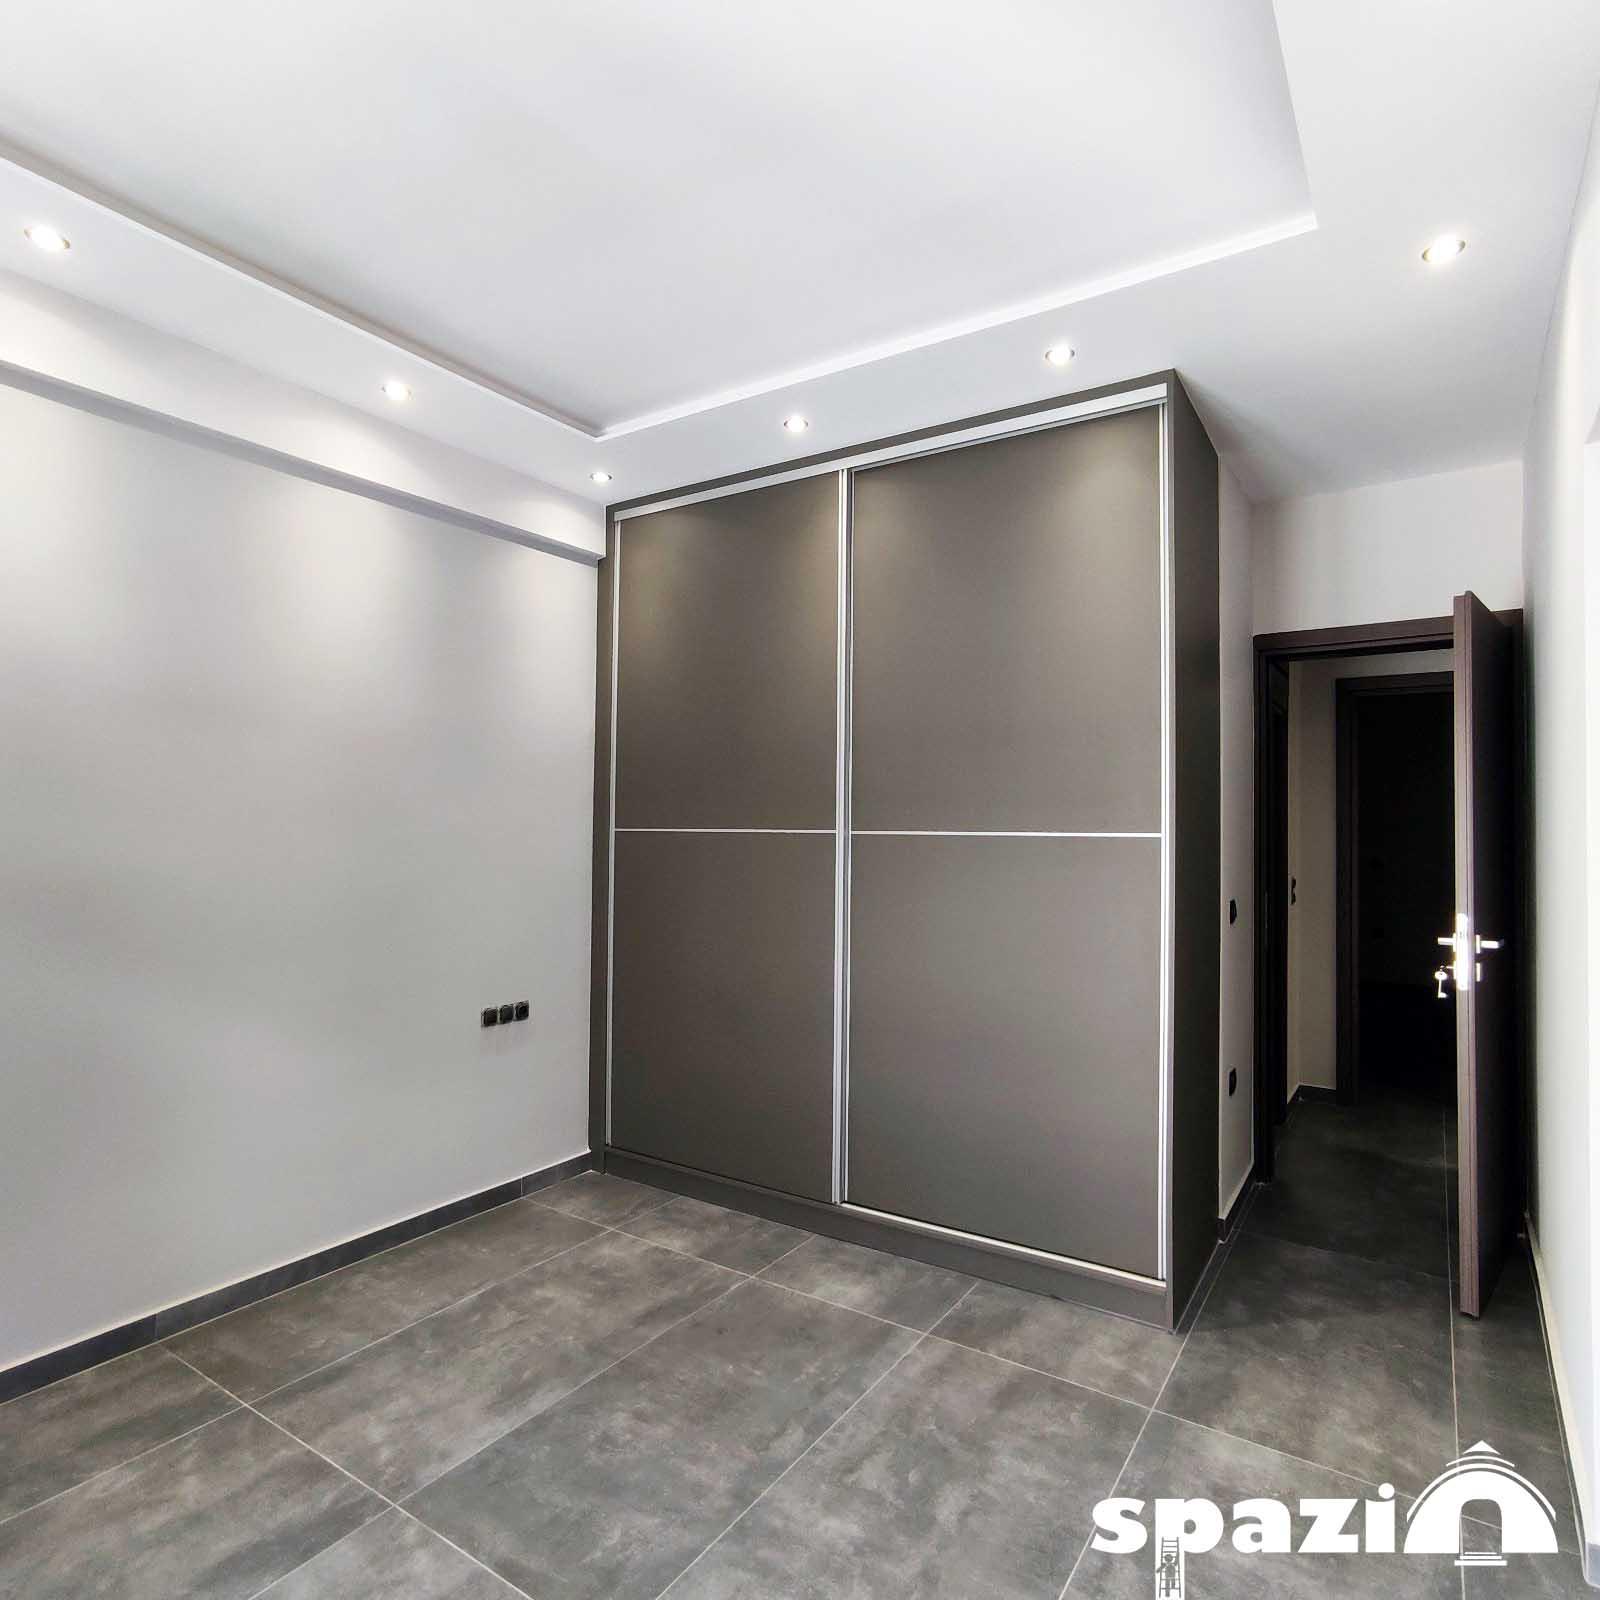 spazio_sepolia_10.jpg